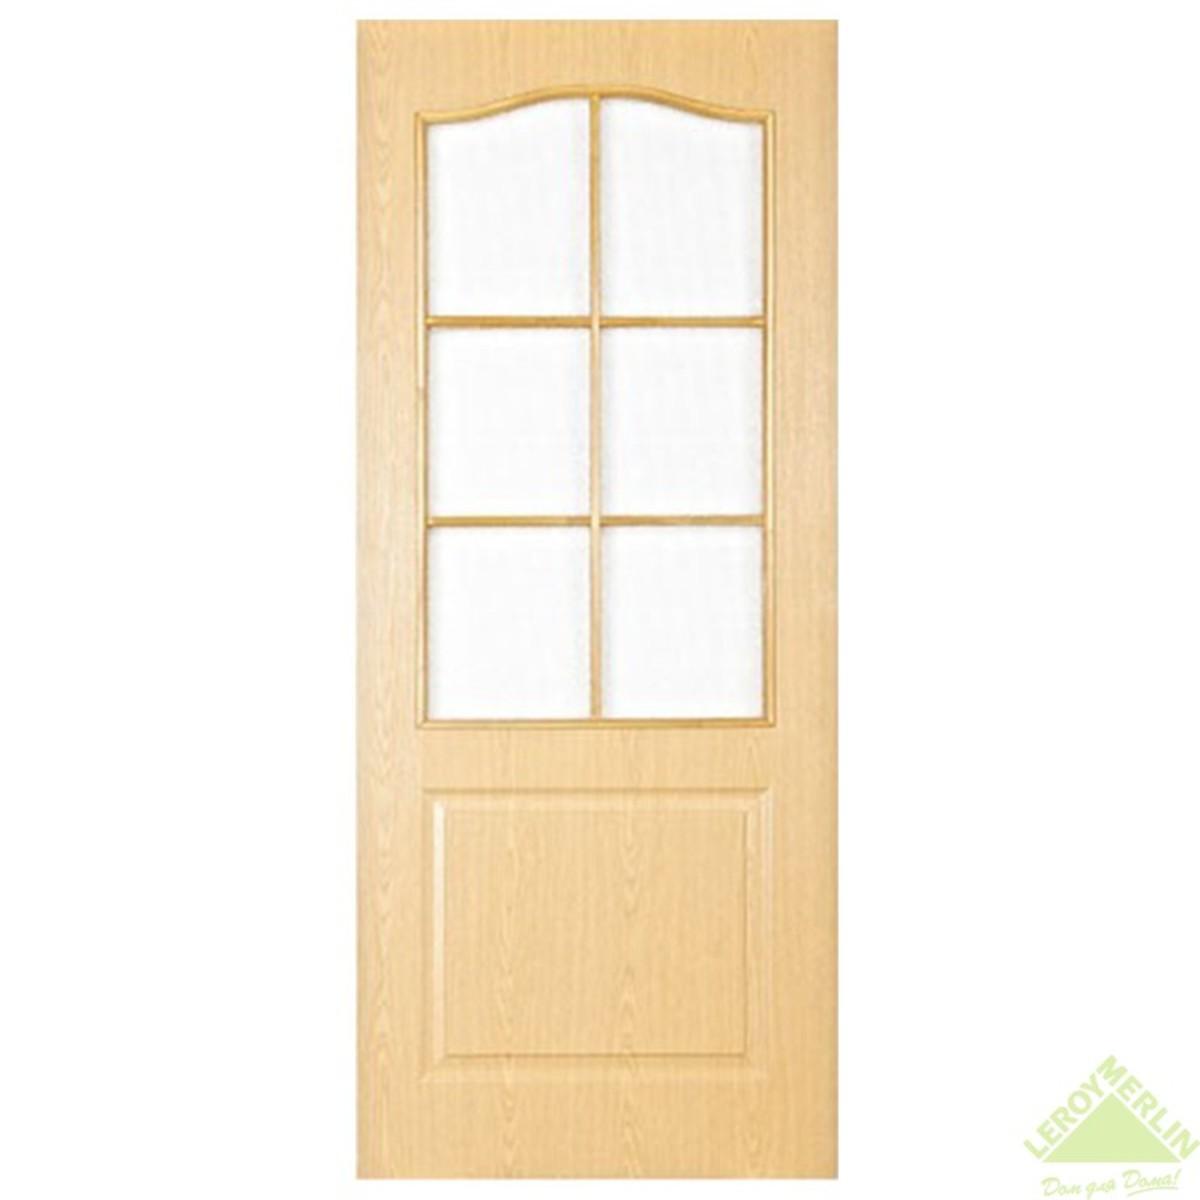 Дверь Межкомнатная Остеклённая Палитра 60x200 Ламинация Цвет Дуб